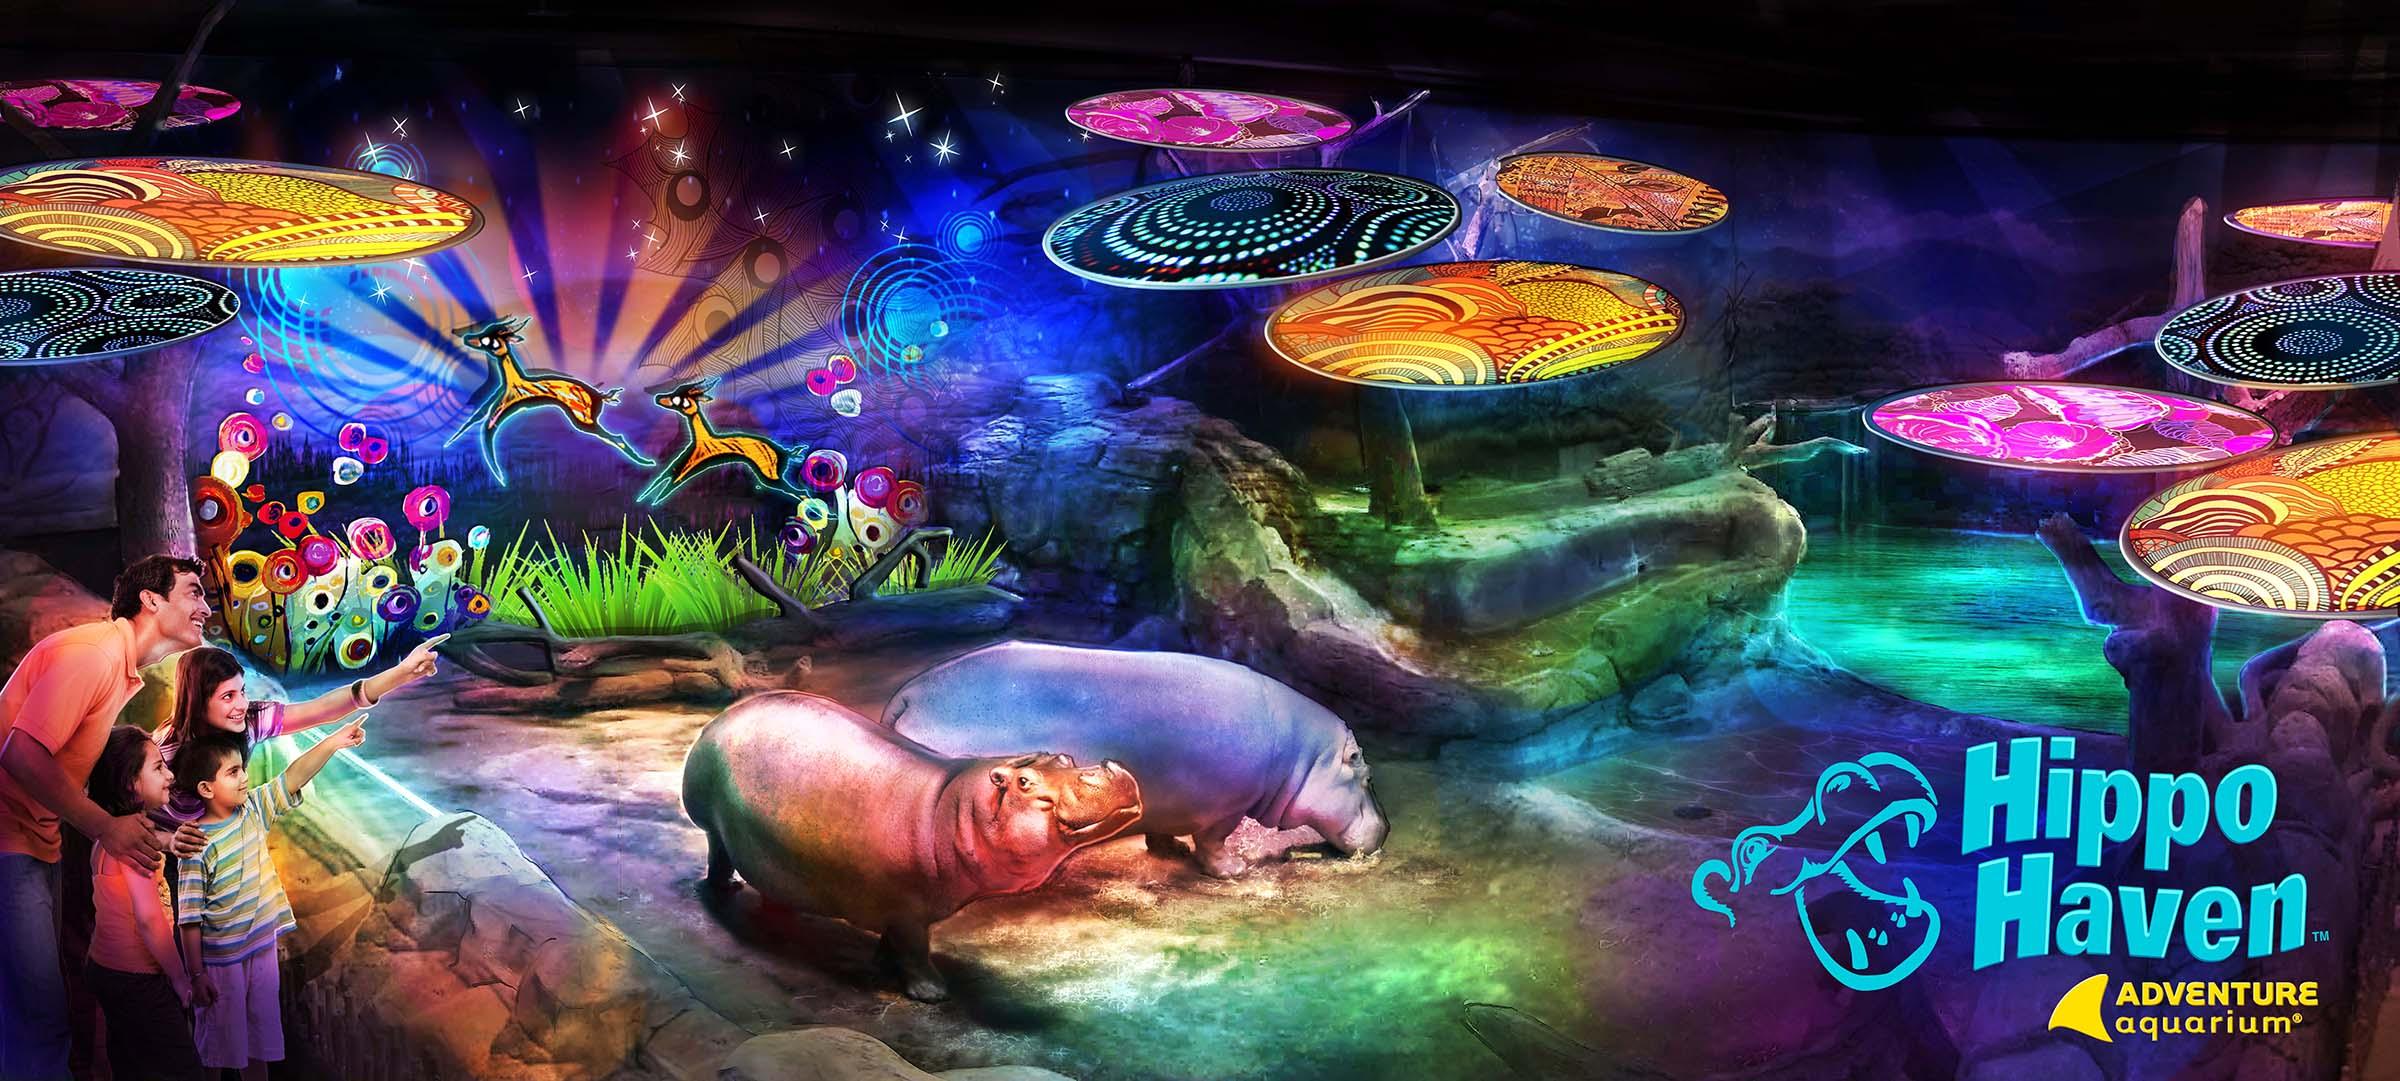 Hippo Haven at Adventure Aquarium Blooloop